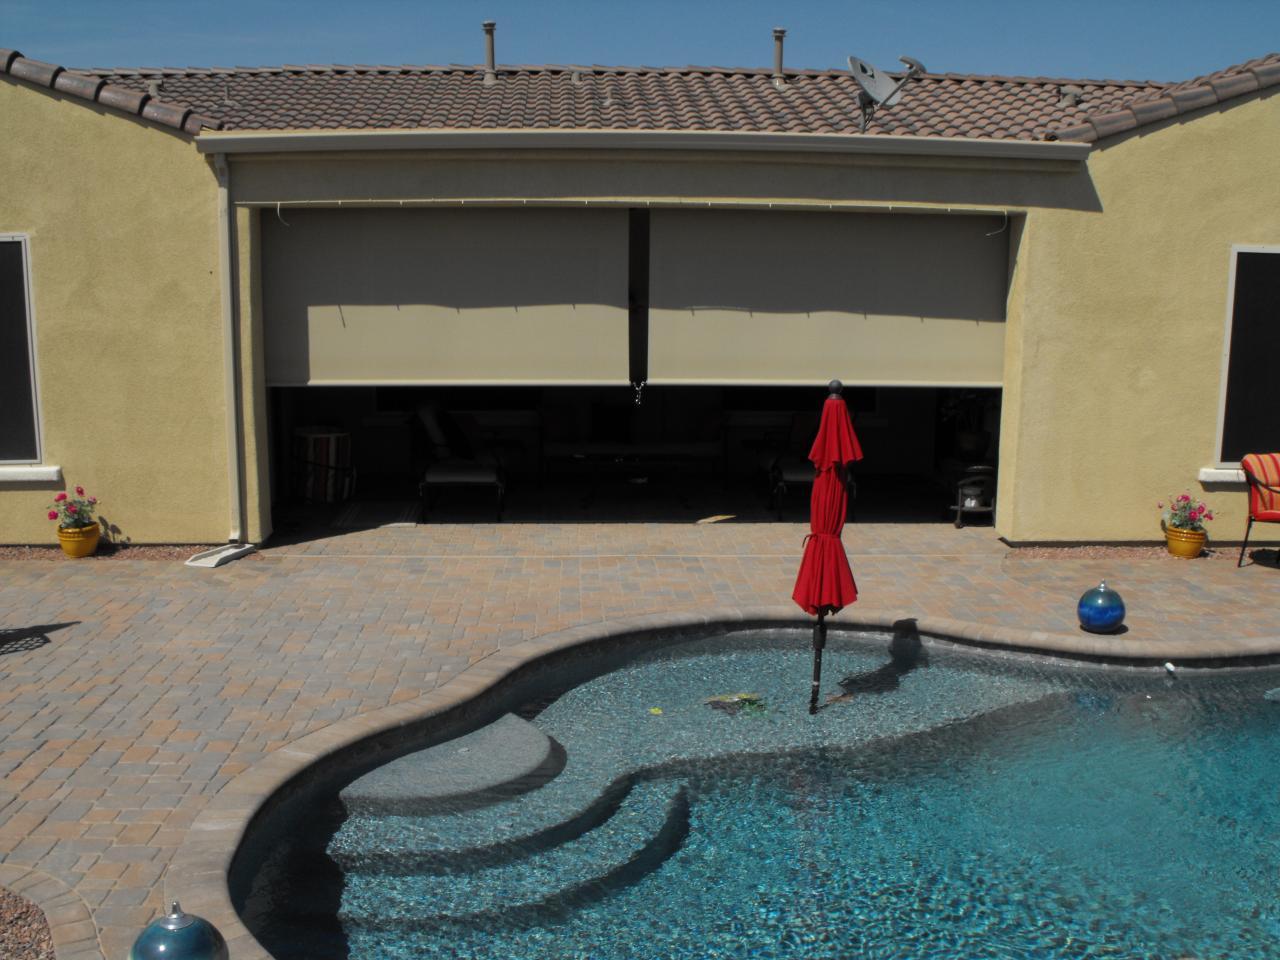 DROPSHADE - Patio sombras paralelas, protector solar retráctil motorizada y el interior de la ventana Persianas (propiedad familiar operada)